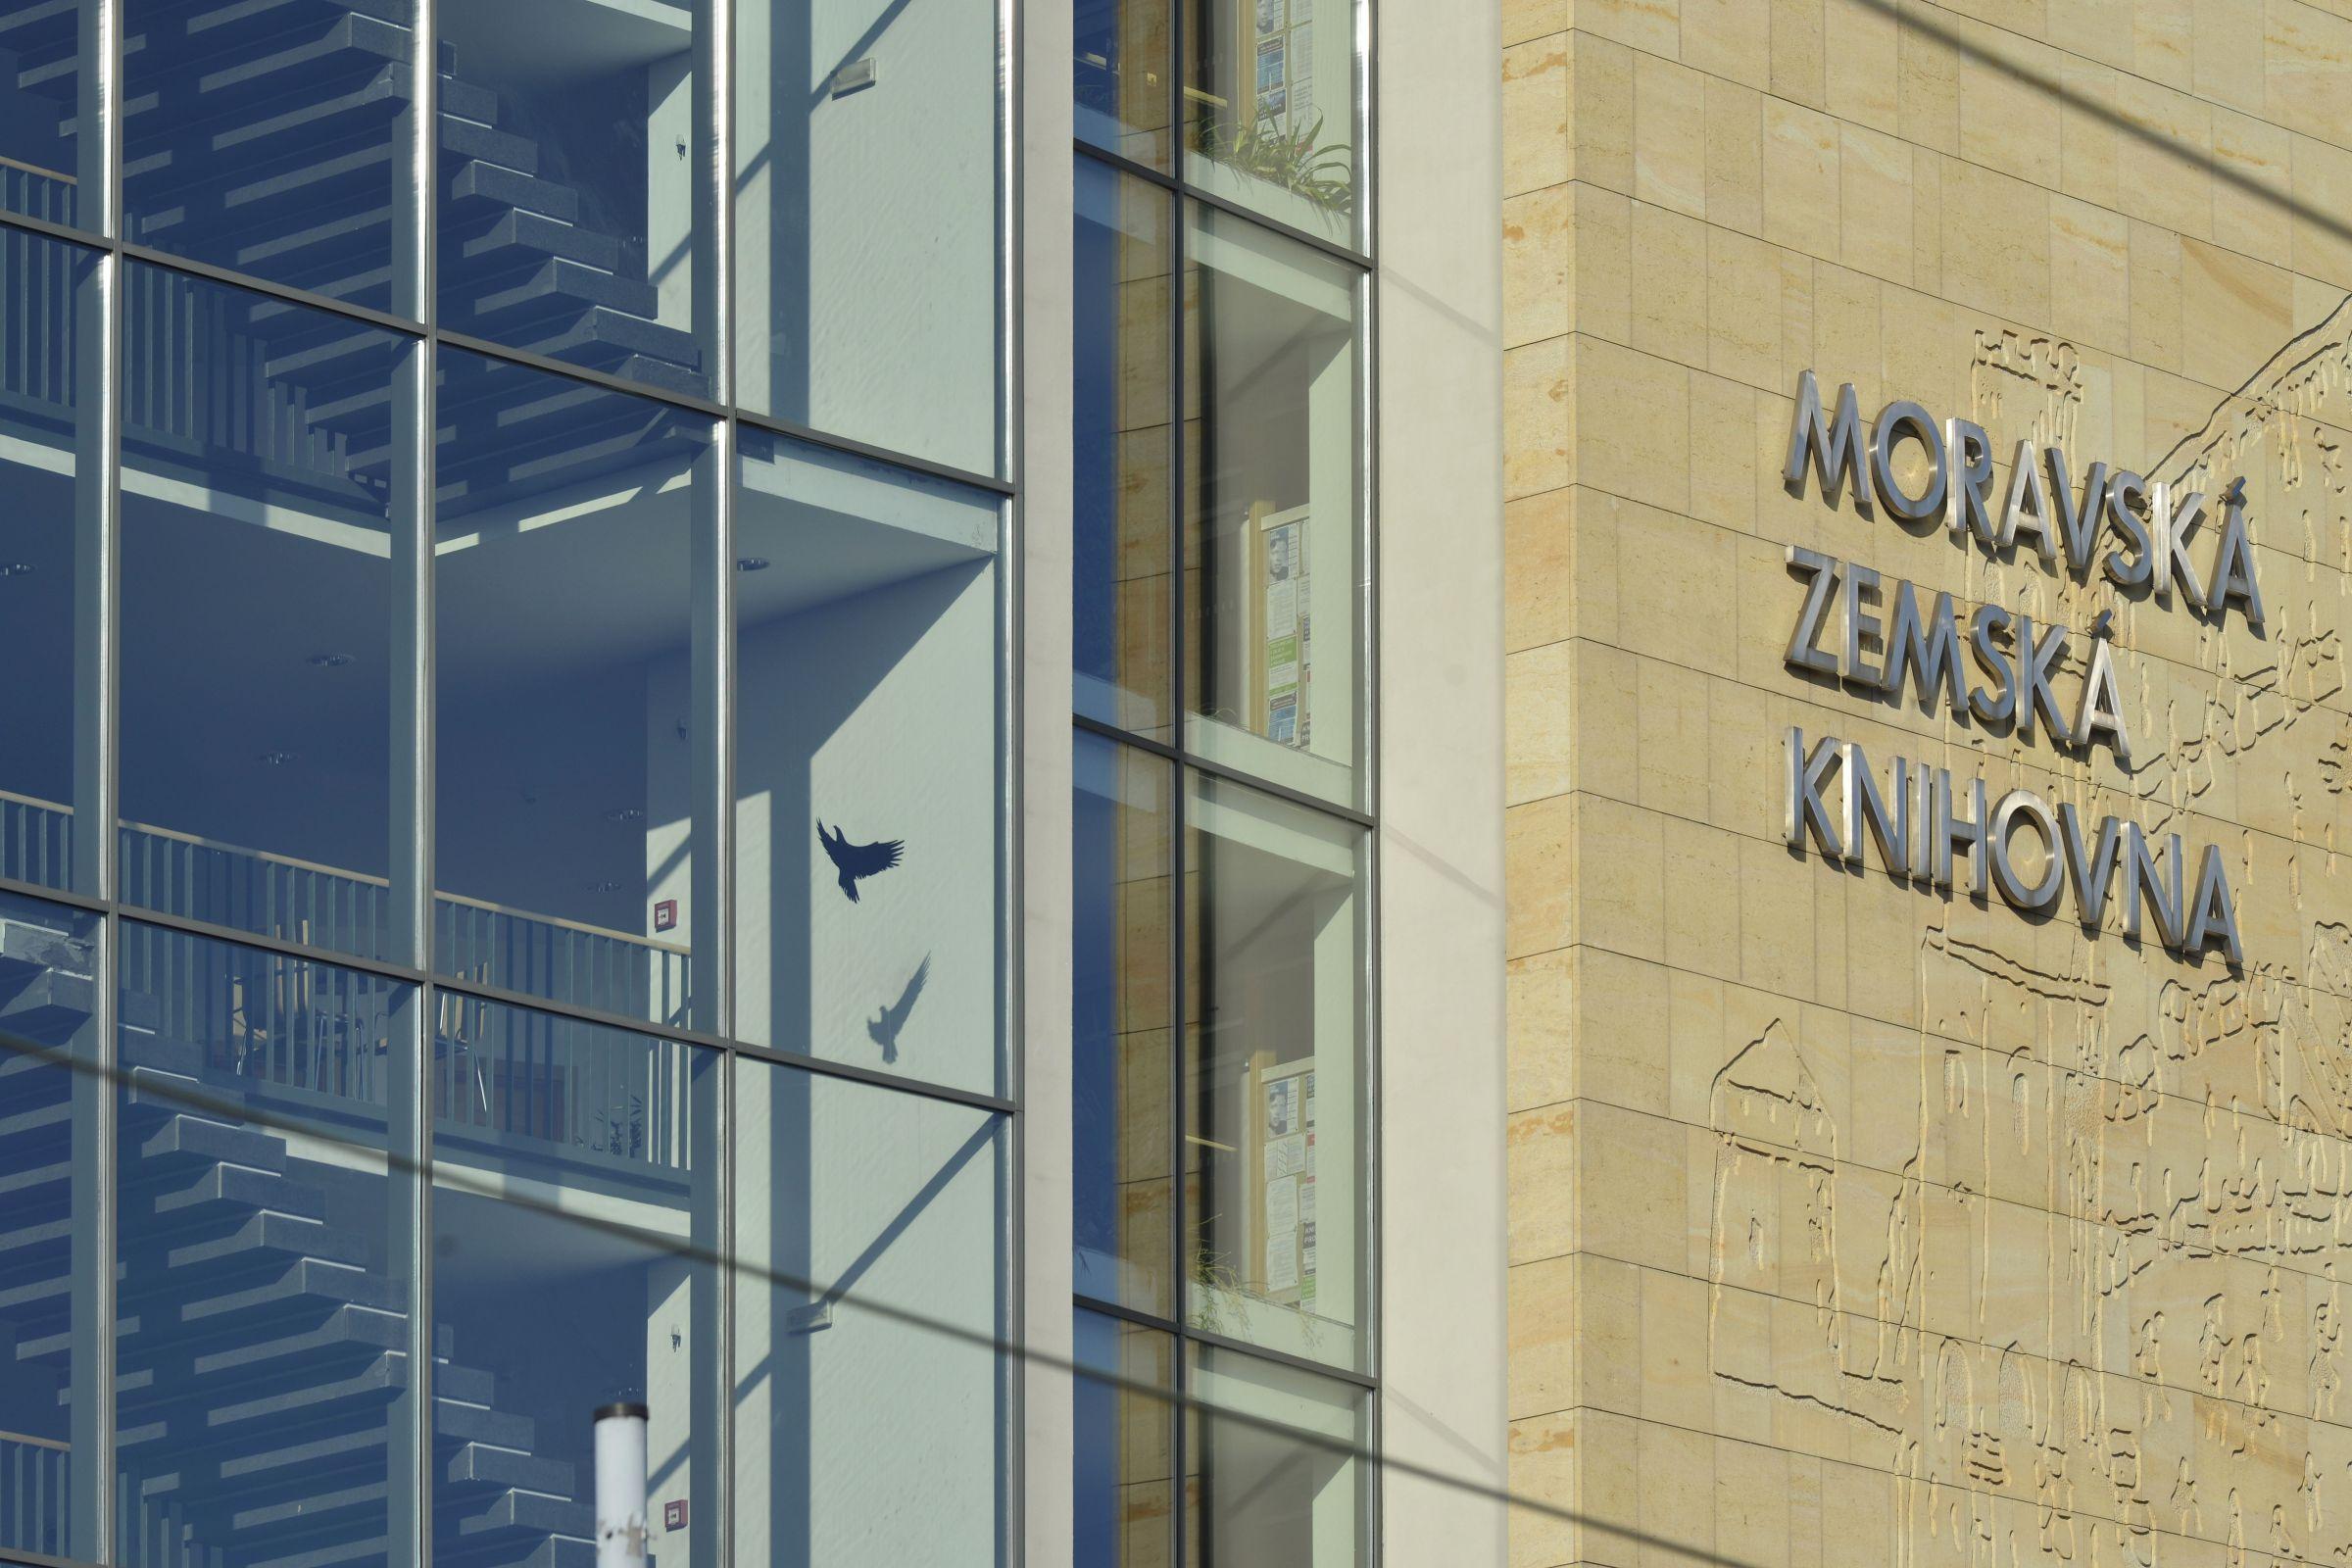 Moravská zemská knihovna v Brně